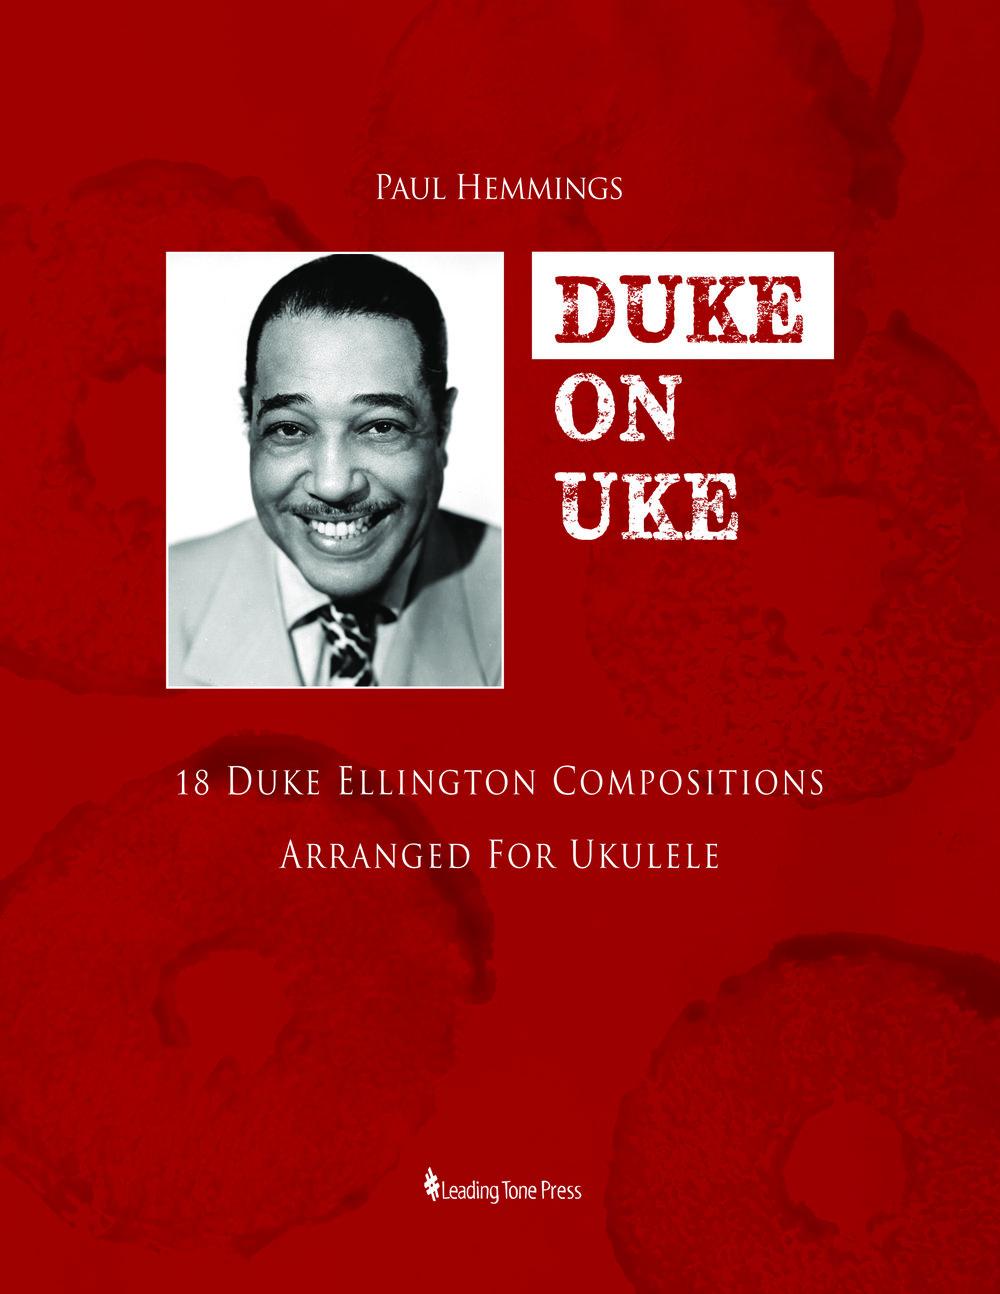 DUKE ON UKE book cover.jpg